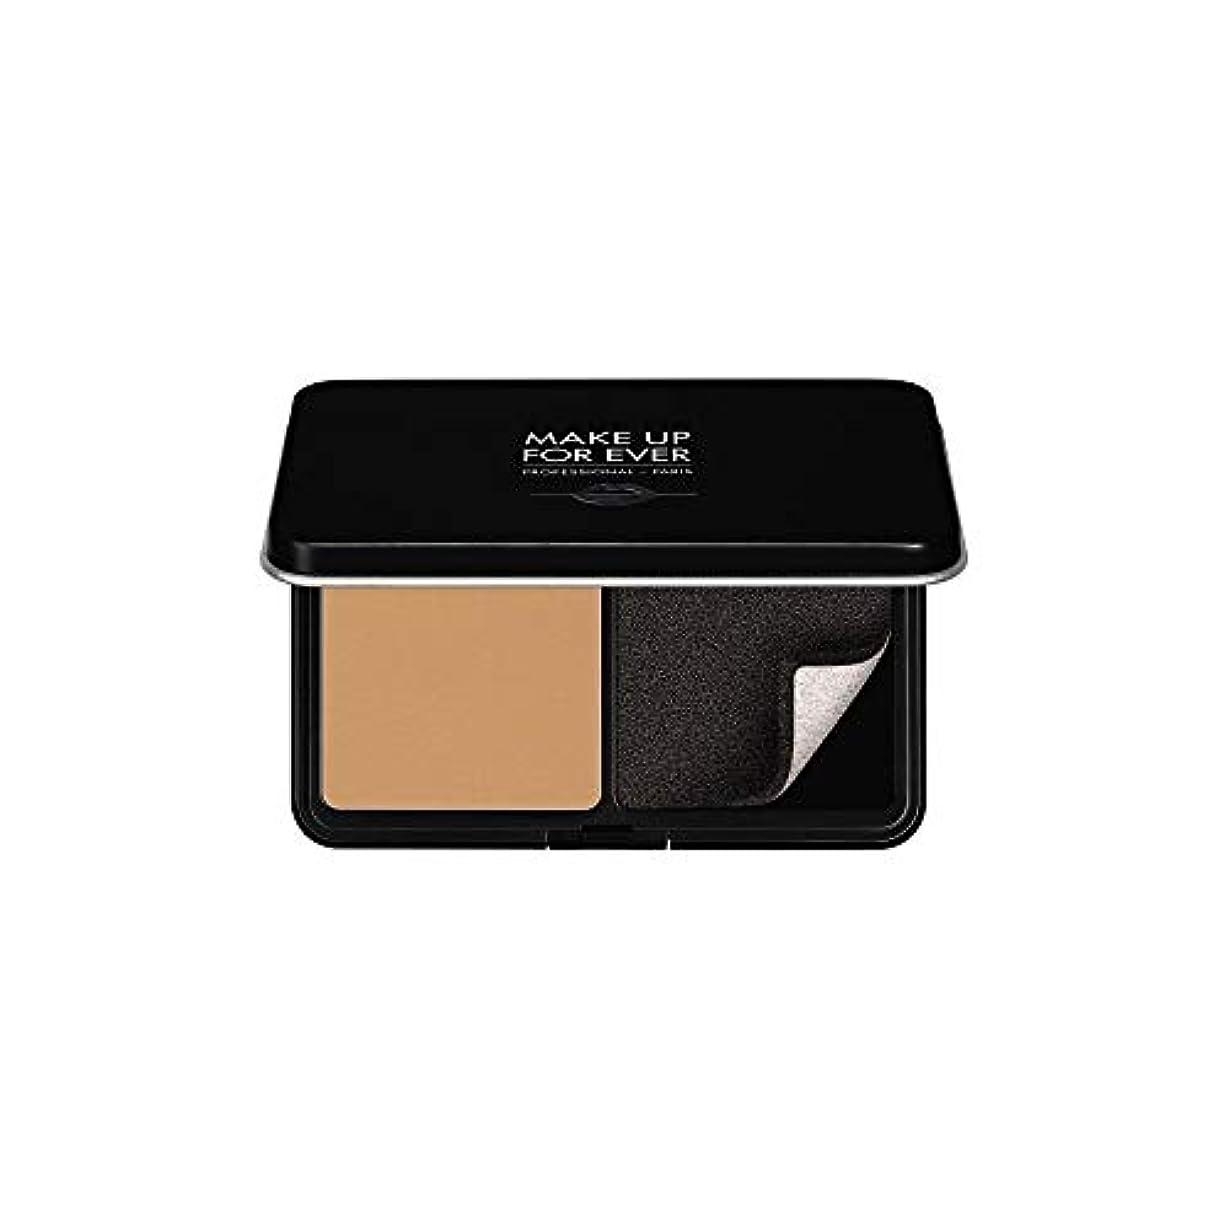 居眠りする浮浪者ターミナルメイクアップフォーエバー Matte Velvet Skin Blurring Powder Foundation - # Y365 (Desert) 11g/0.38oz並行輸入品